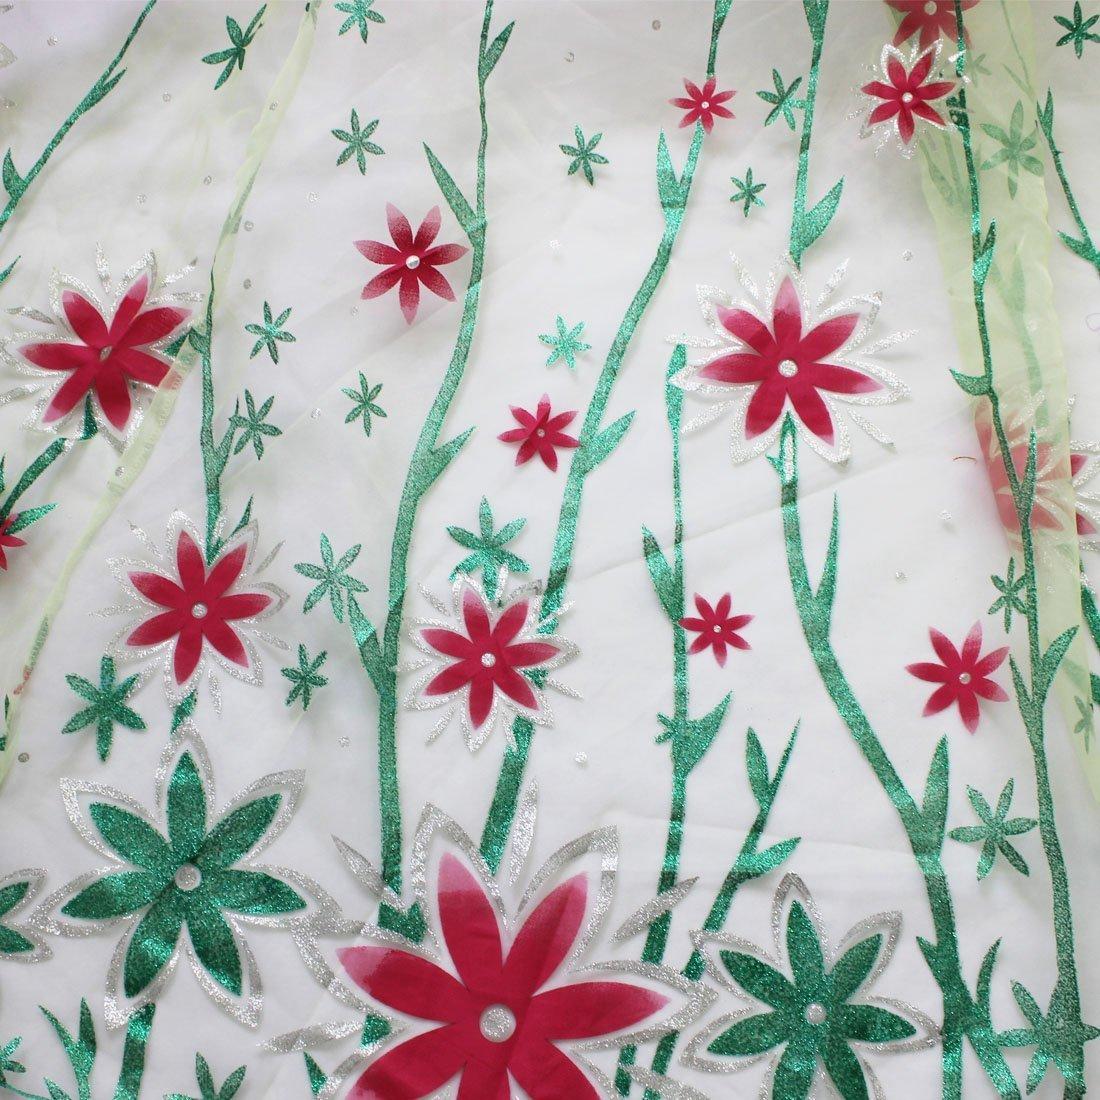 GenialES Costume Principessa Vestito Guanti Verdi lunghi Regalo Carino  Cerimonia Cosplay Festa Compleanno Carnevale Halloween Bambina 2-8 anni   Amazon.it  ... 3f56ee43074